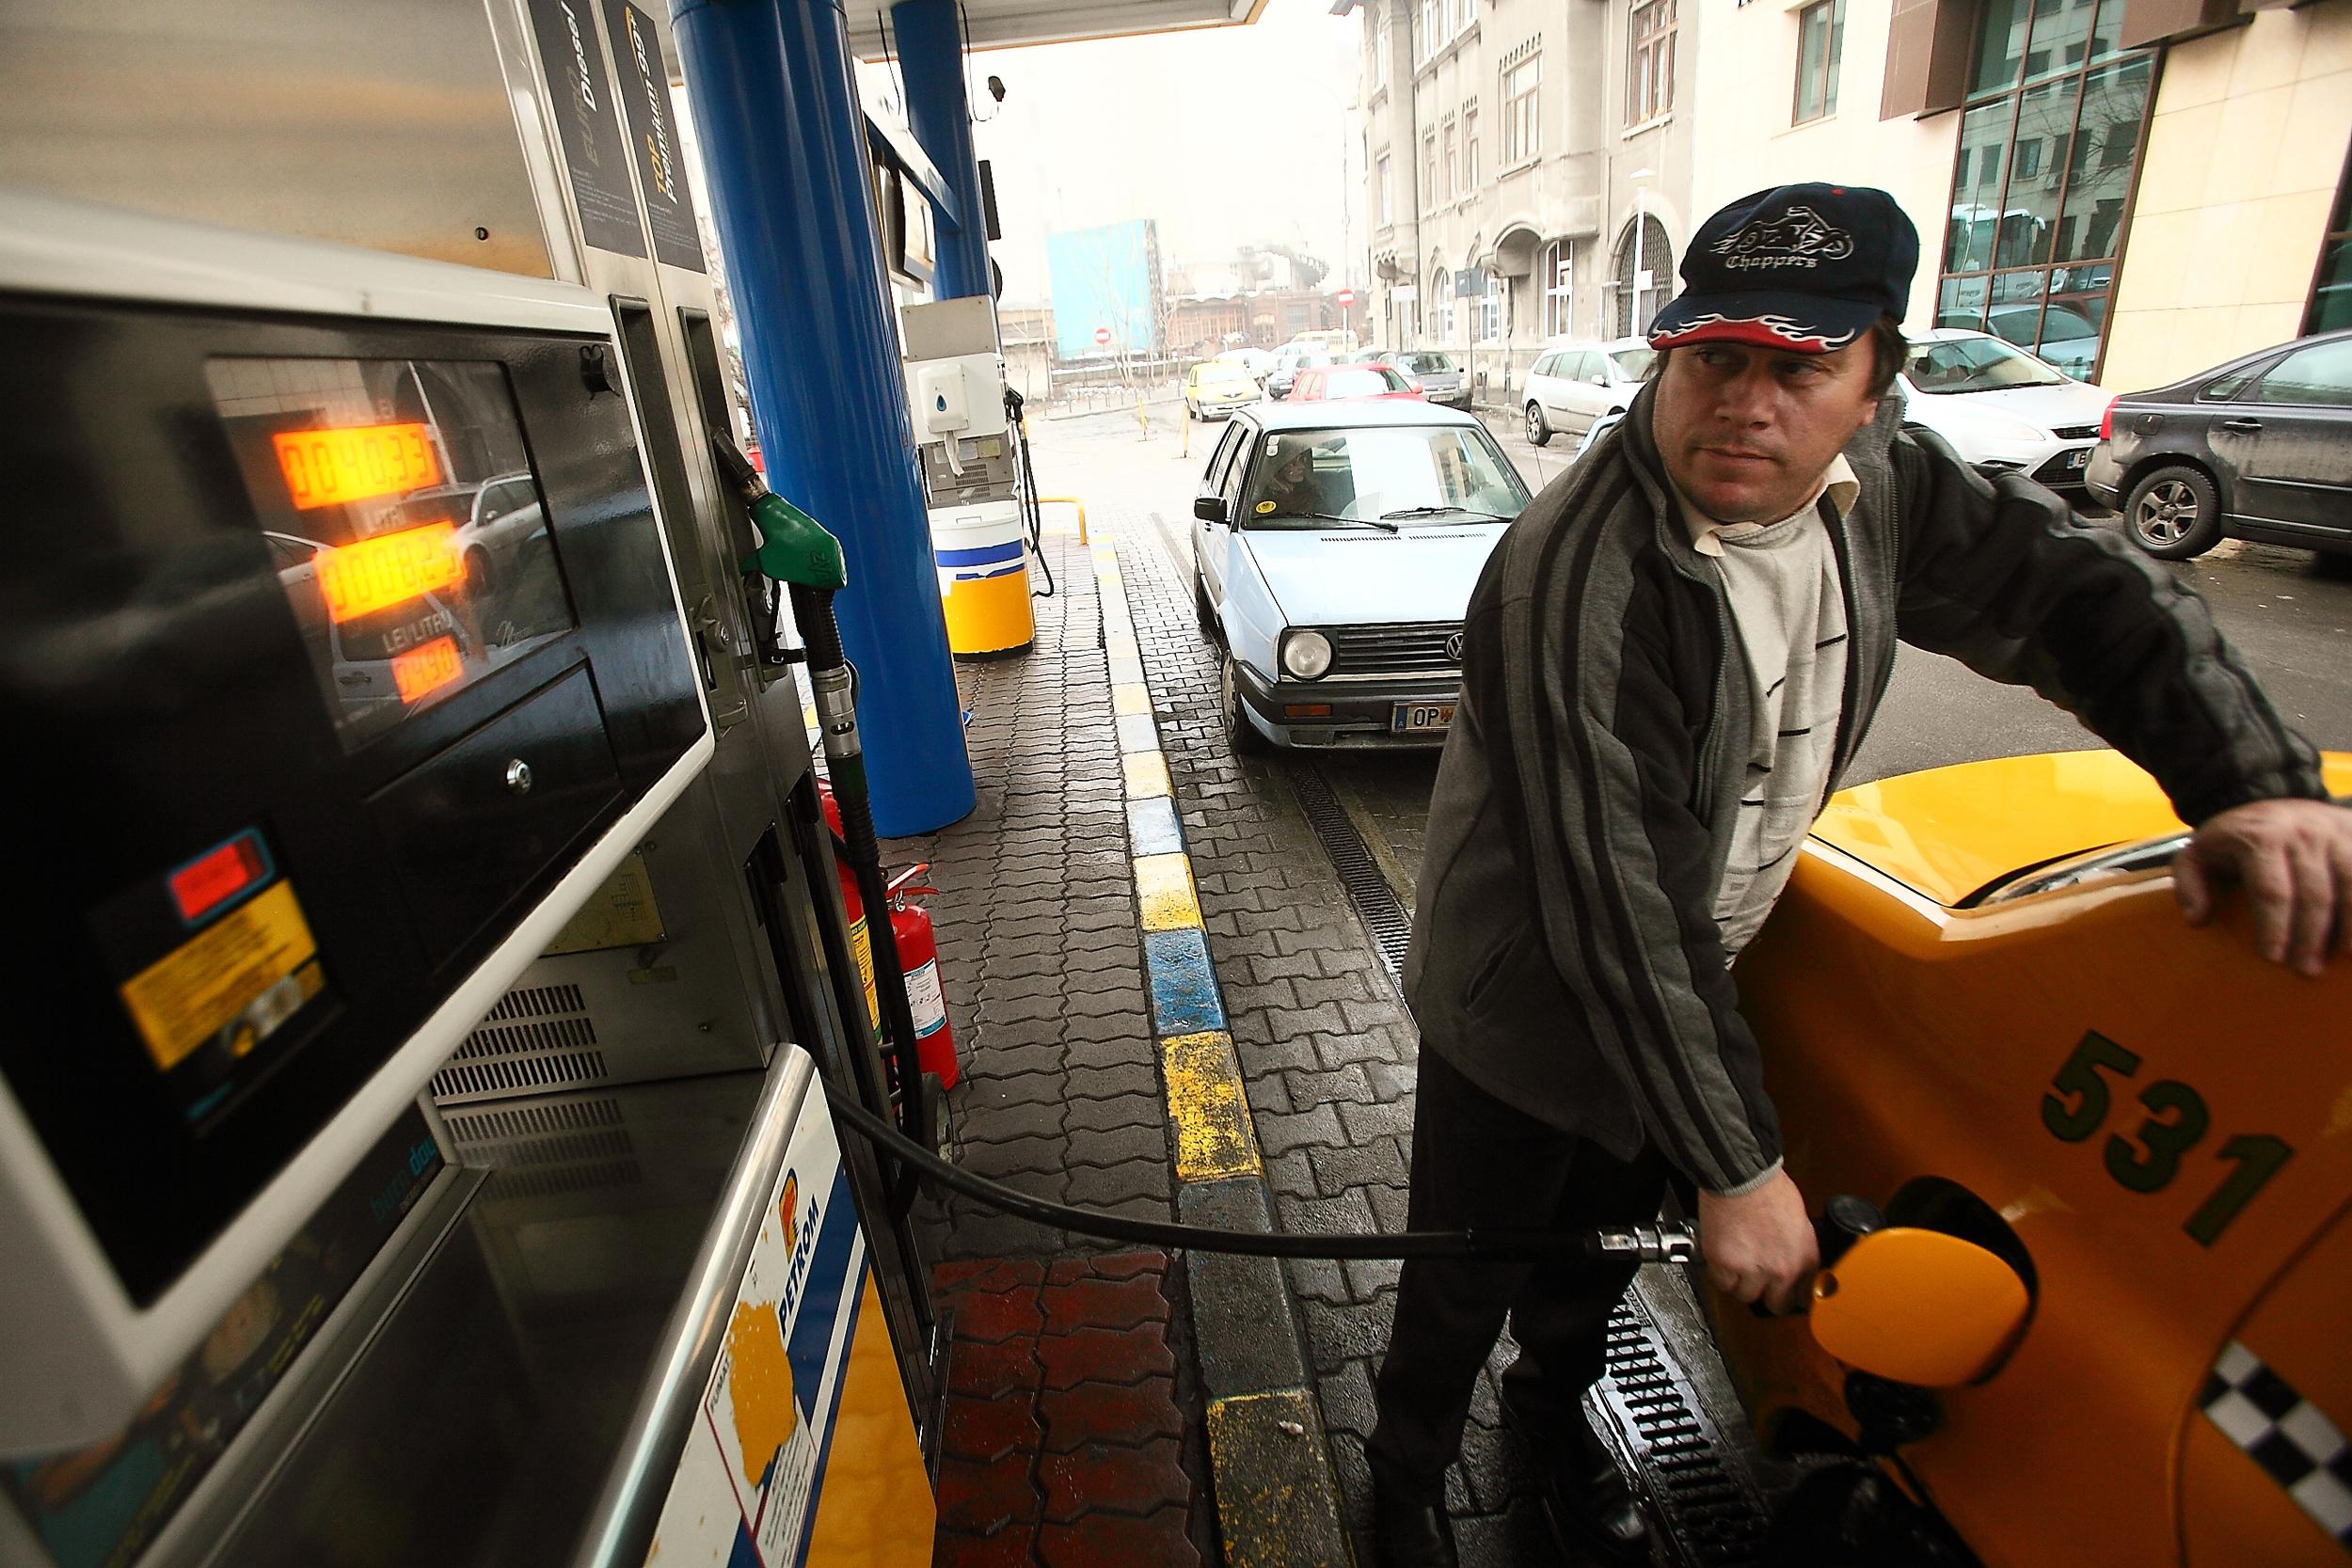 Consiliul Concurenţei verifică preţurile la carburanţi după introducerea supraaccizei/ Ministrul finanţelor: Sincer, nu am urmărit care este preţul carburanţilor la pompă